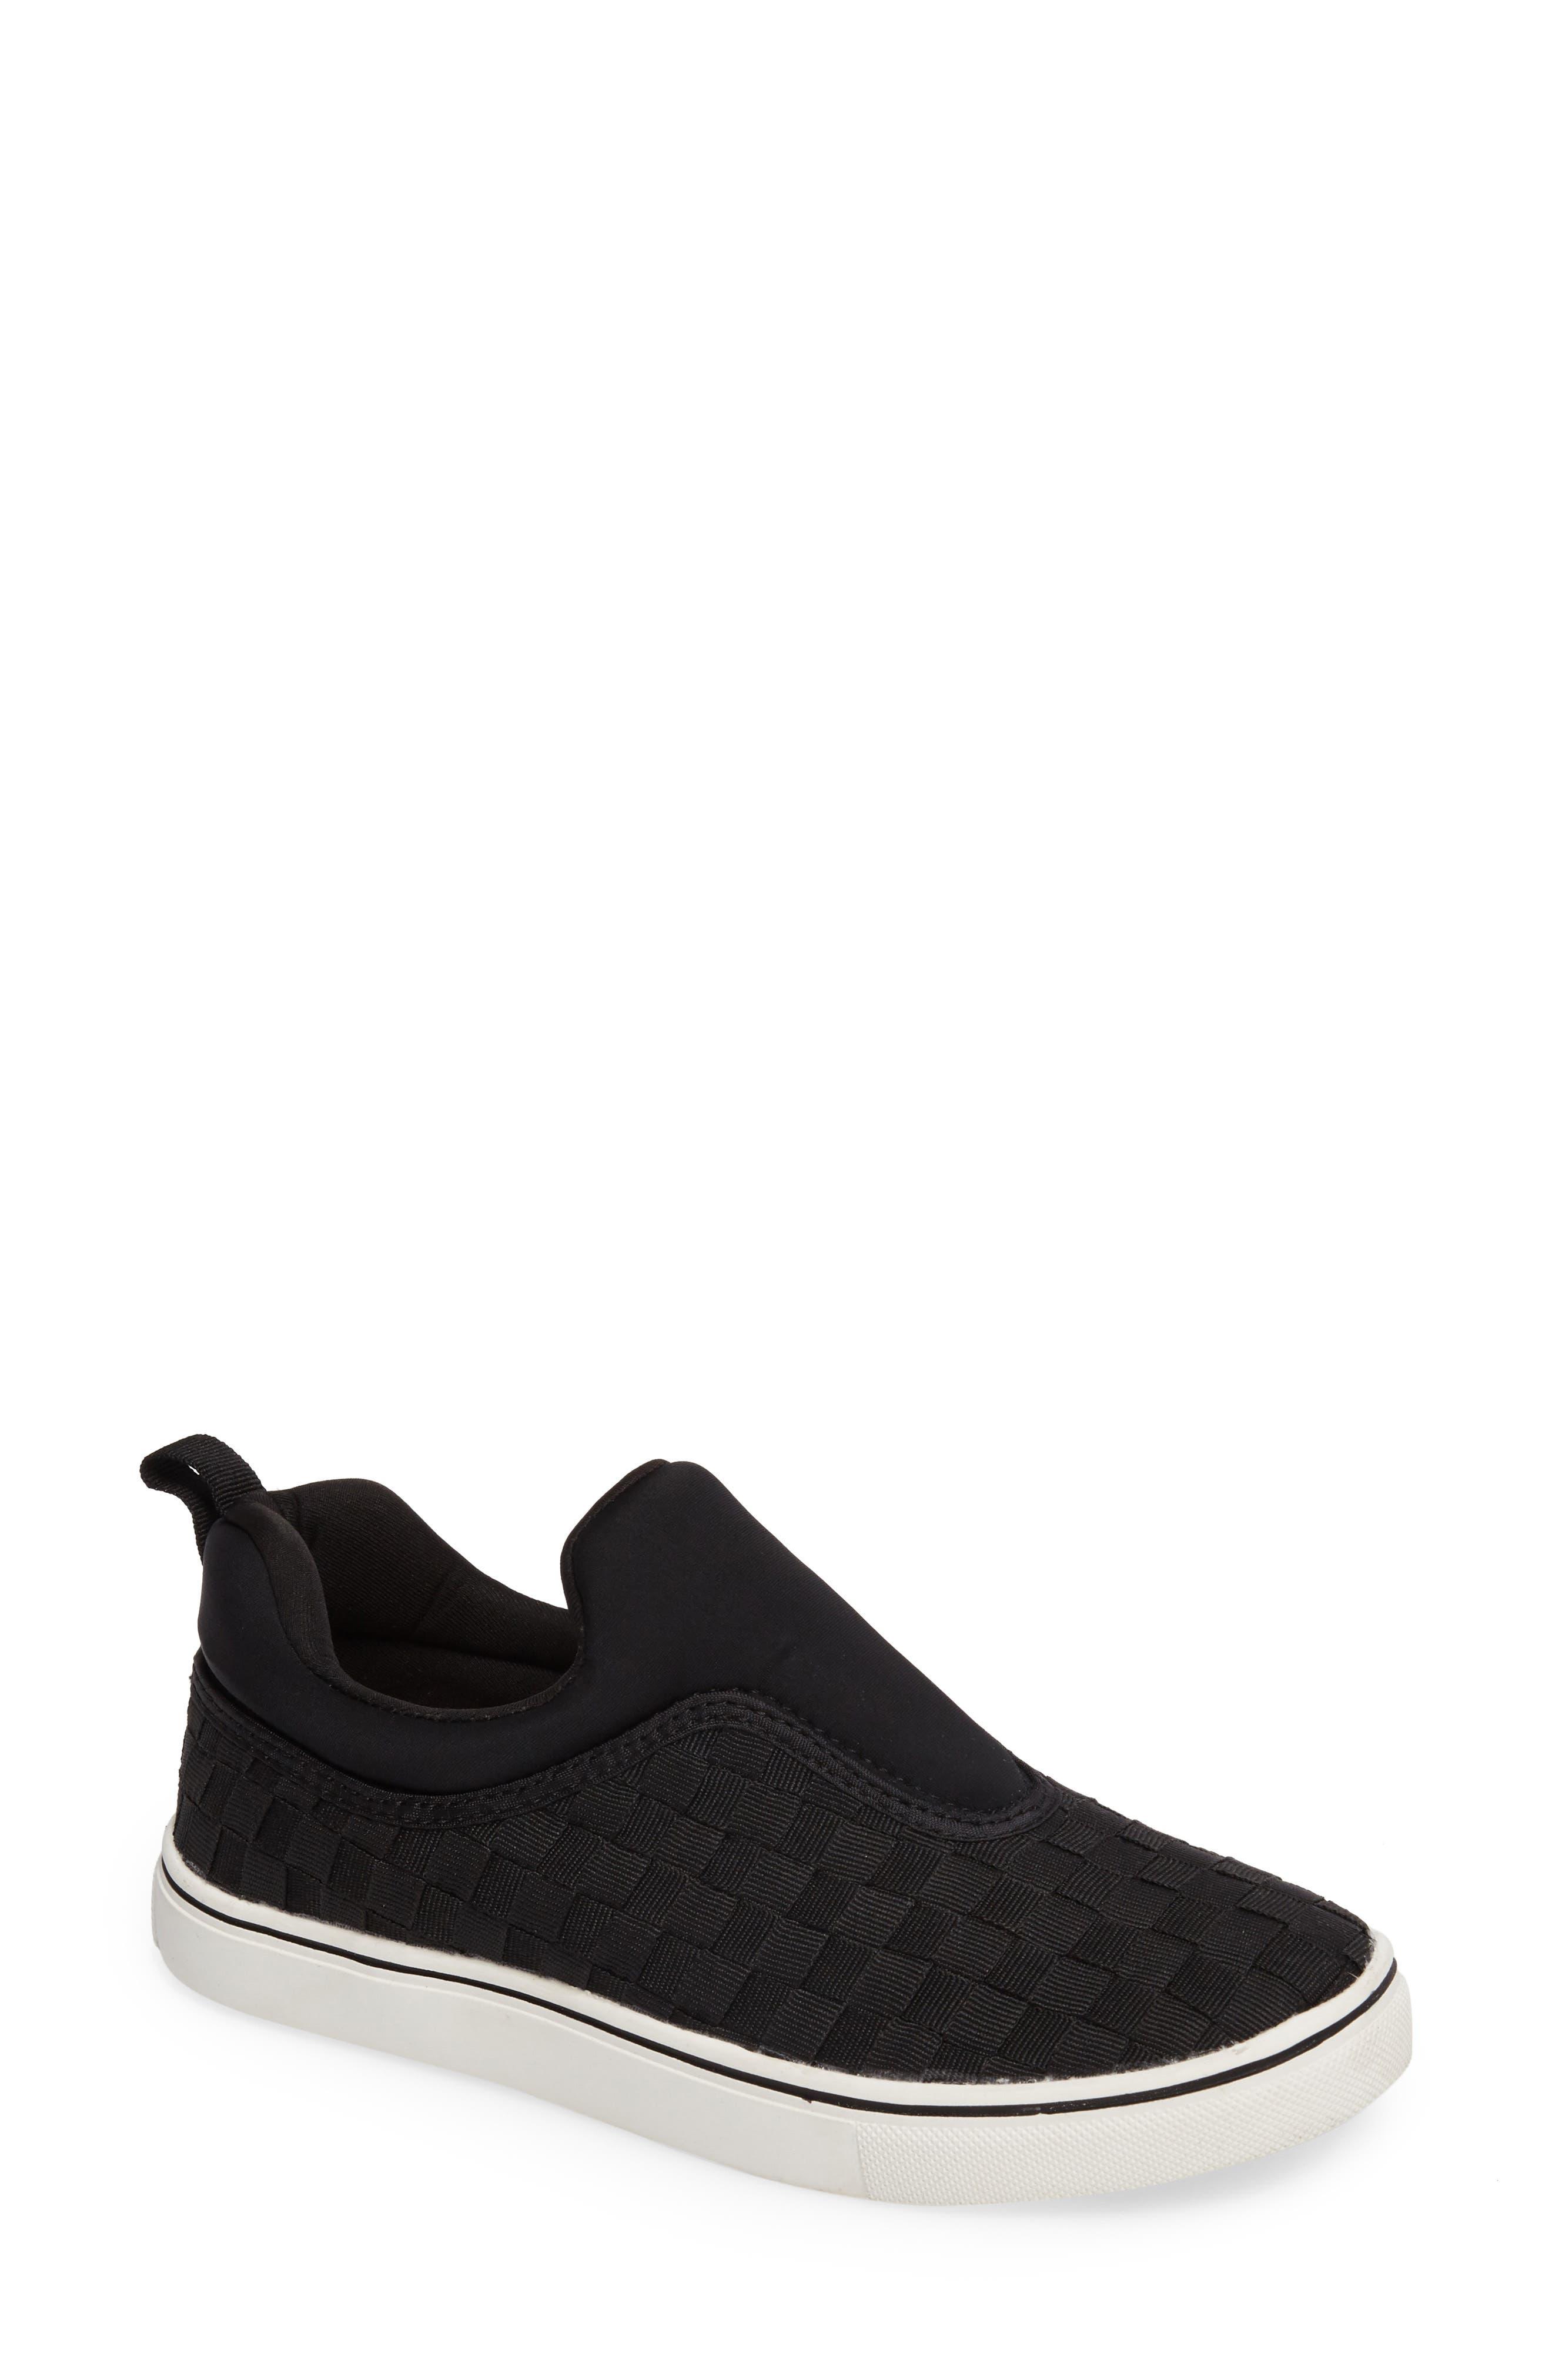 BERNIE MEV. Bernie Mev Joan Slip-On Sneaker, Main, color, BLACK/ BLACK FABRIC